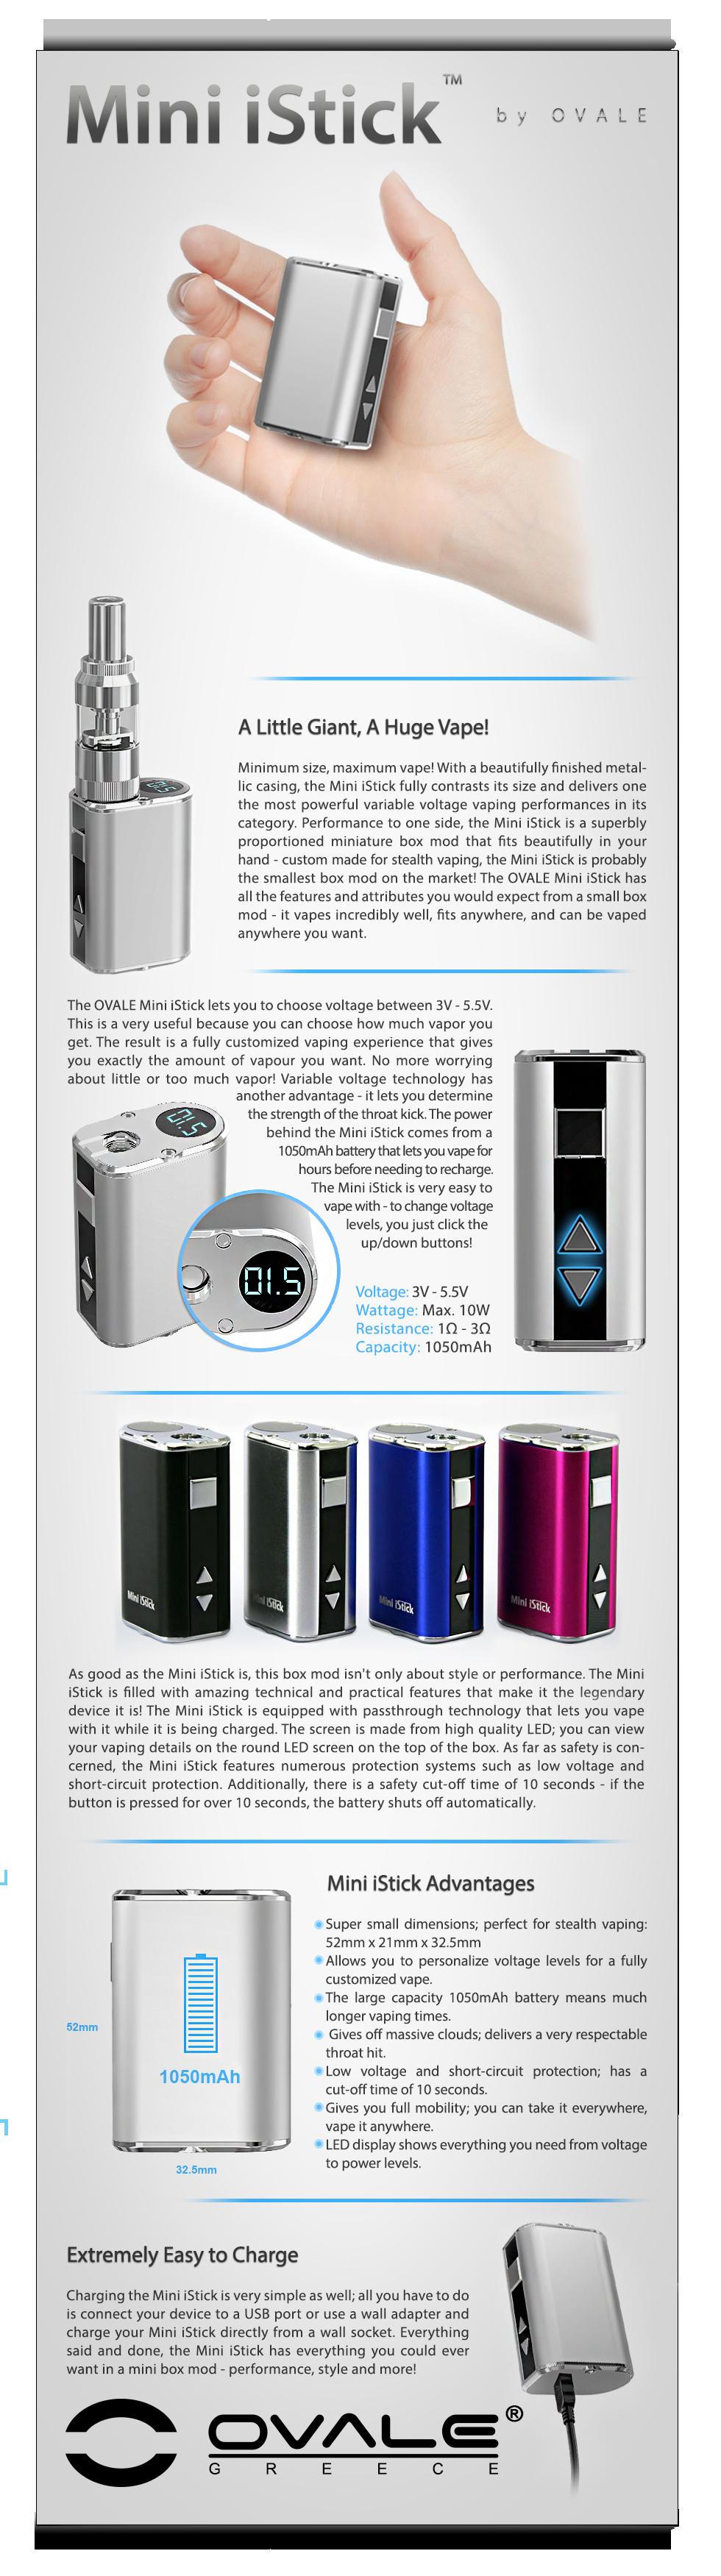 ηλεκτρονικό τσιγάρο, κόψιμο καπνίσματος, ovale, eleaf, istick, istick mini